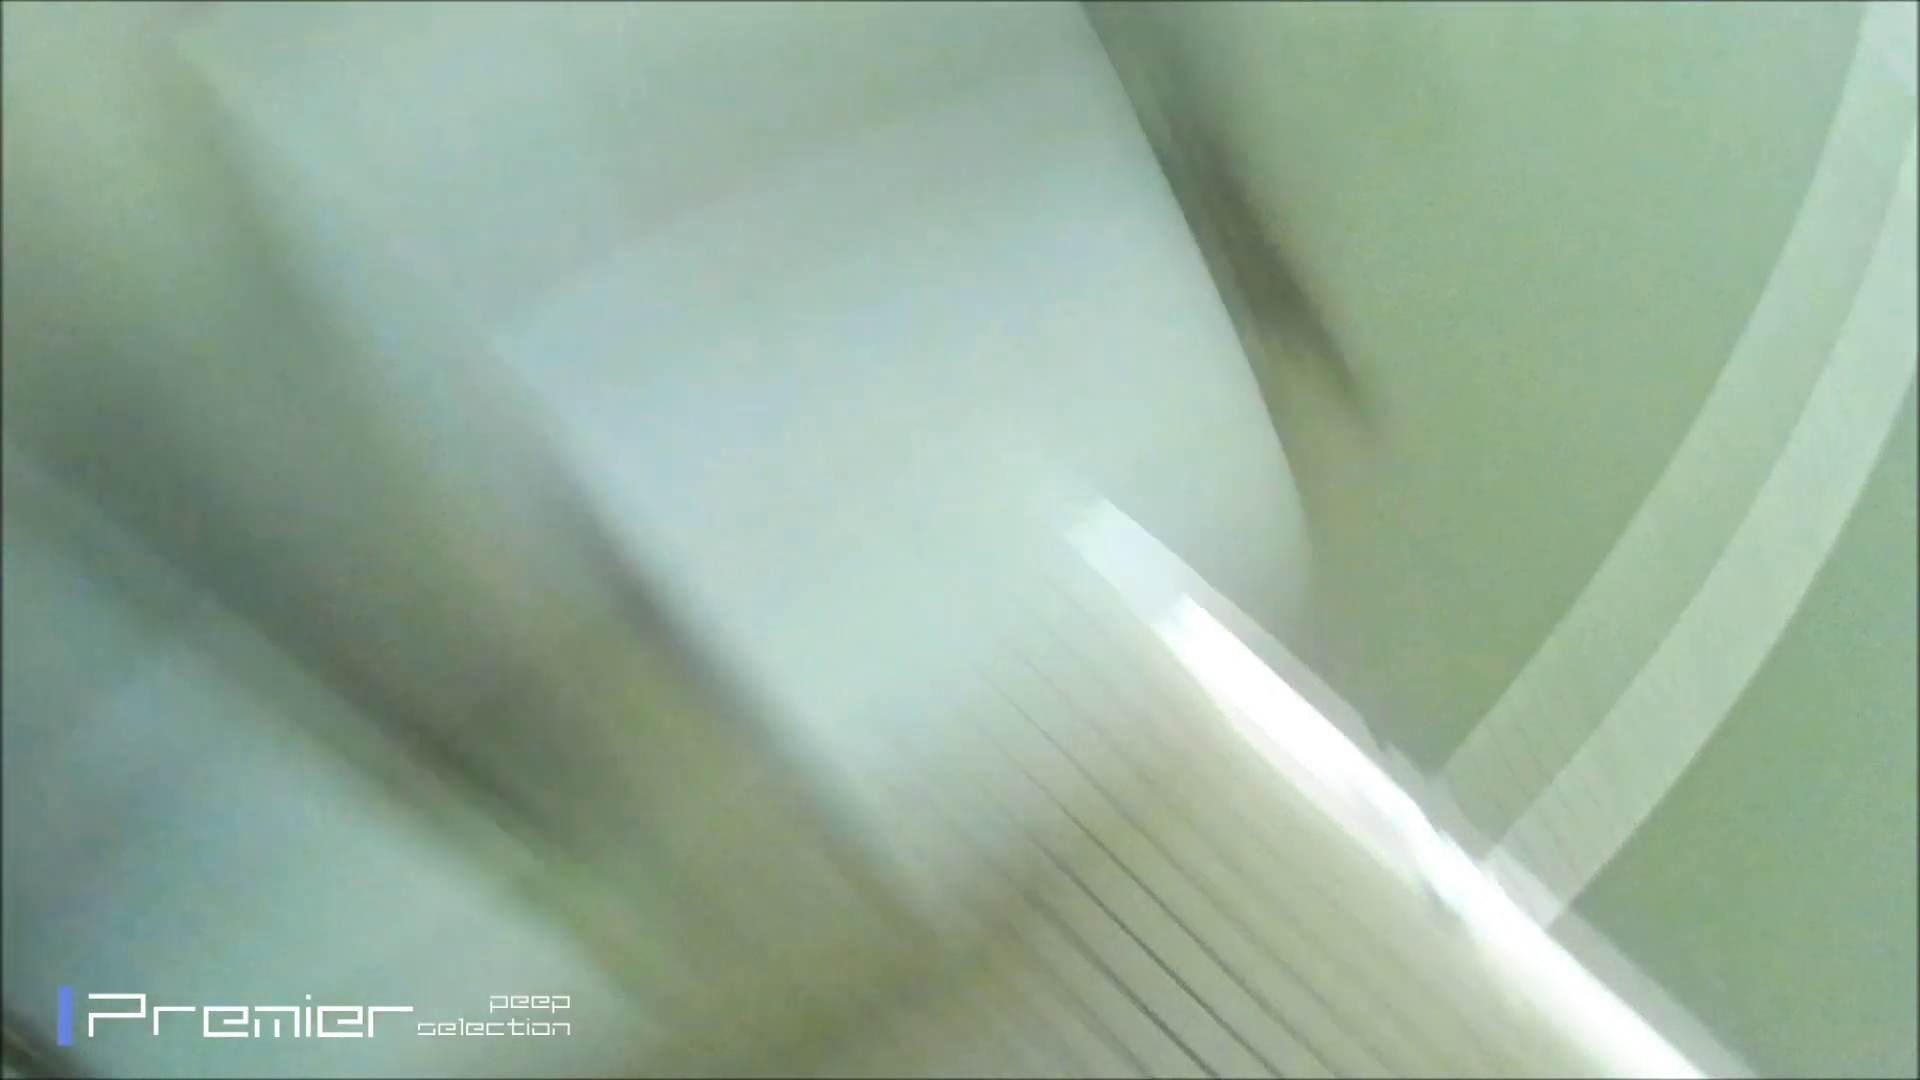 FHD激カワ!激やば! 復讐のトイレ盗撮 Vol.03 トイレ中 | 盗撮エロすぎ  78連発 61